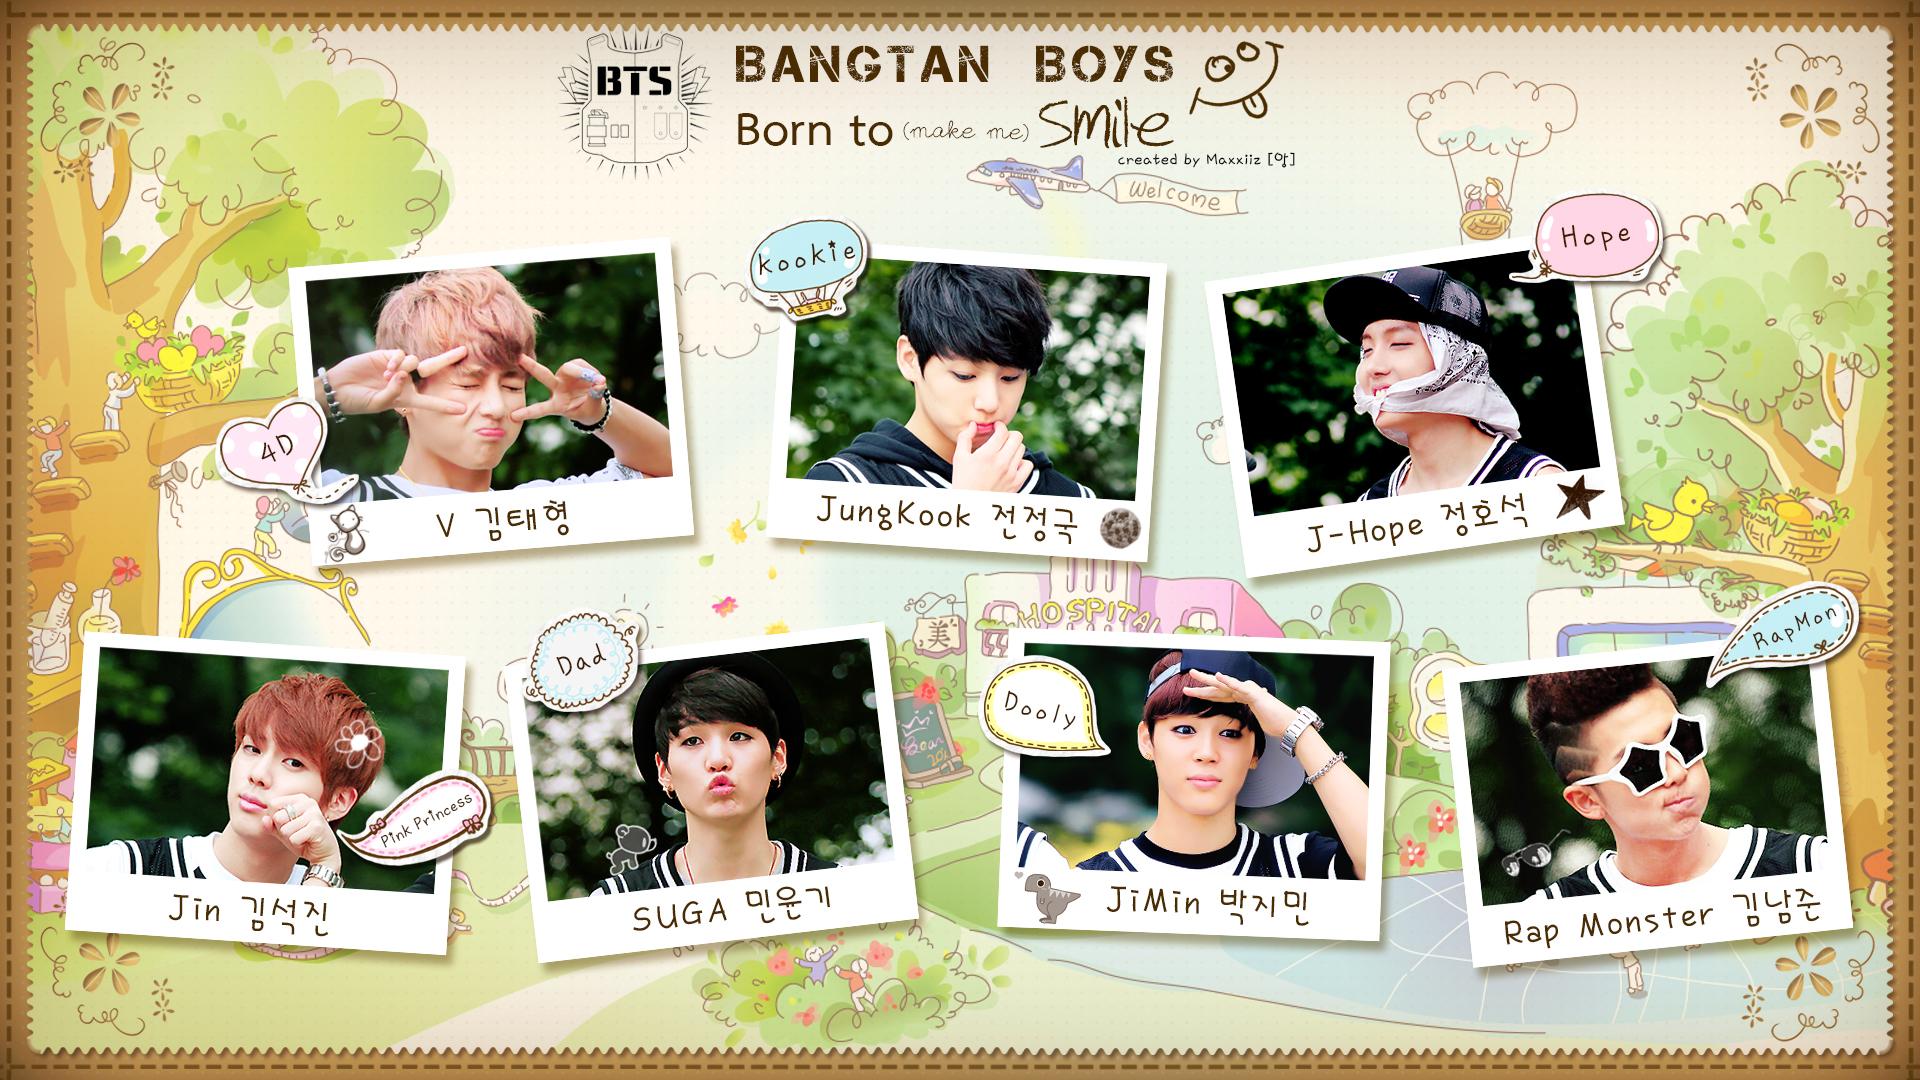 BTS image bts 36259977 1920 1080jpg 1920x1080